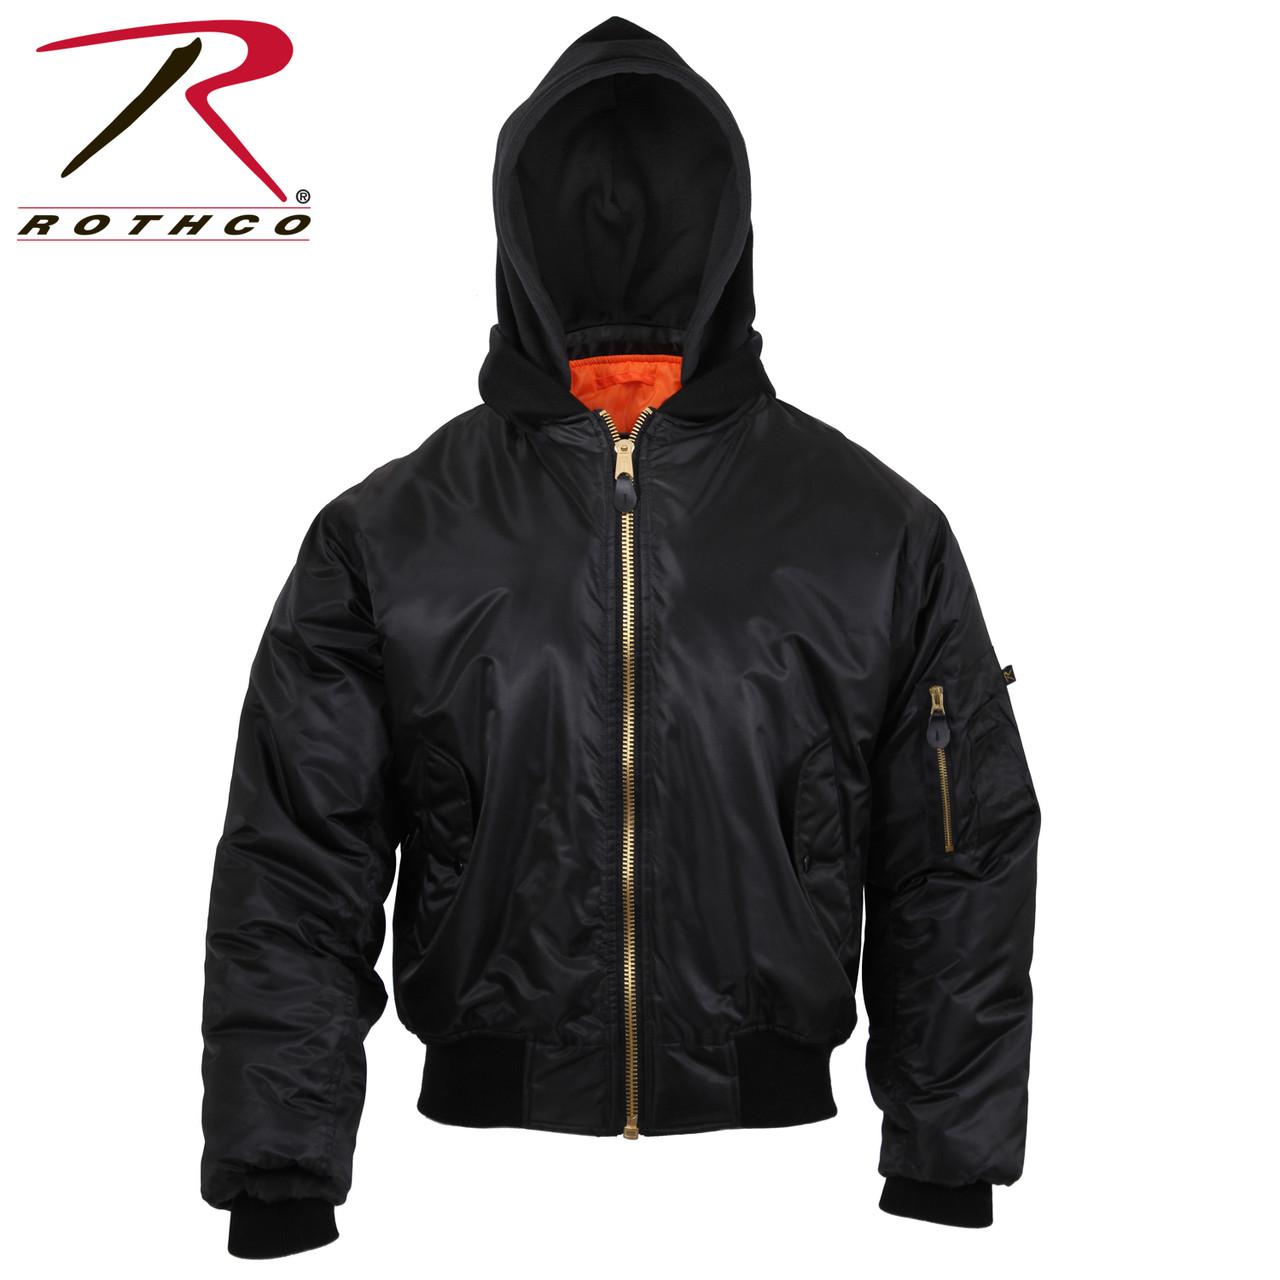 9099a43016b45 Rothco Hooded MA-1 Flight Jacket - Black - Hero Outdoors